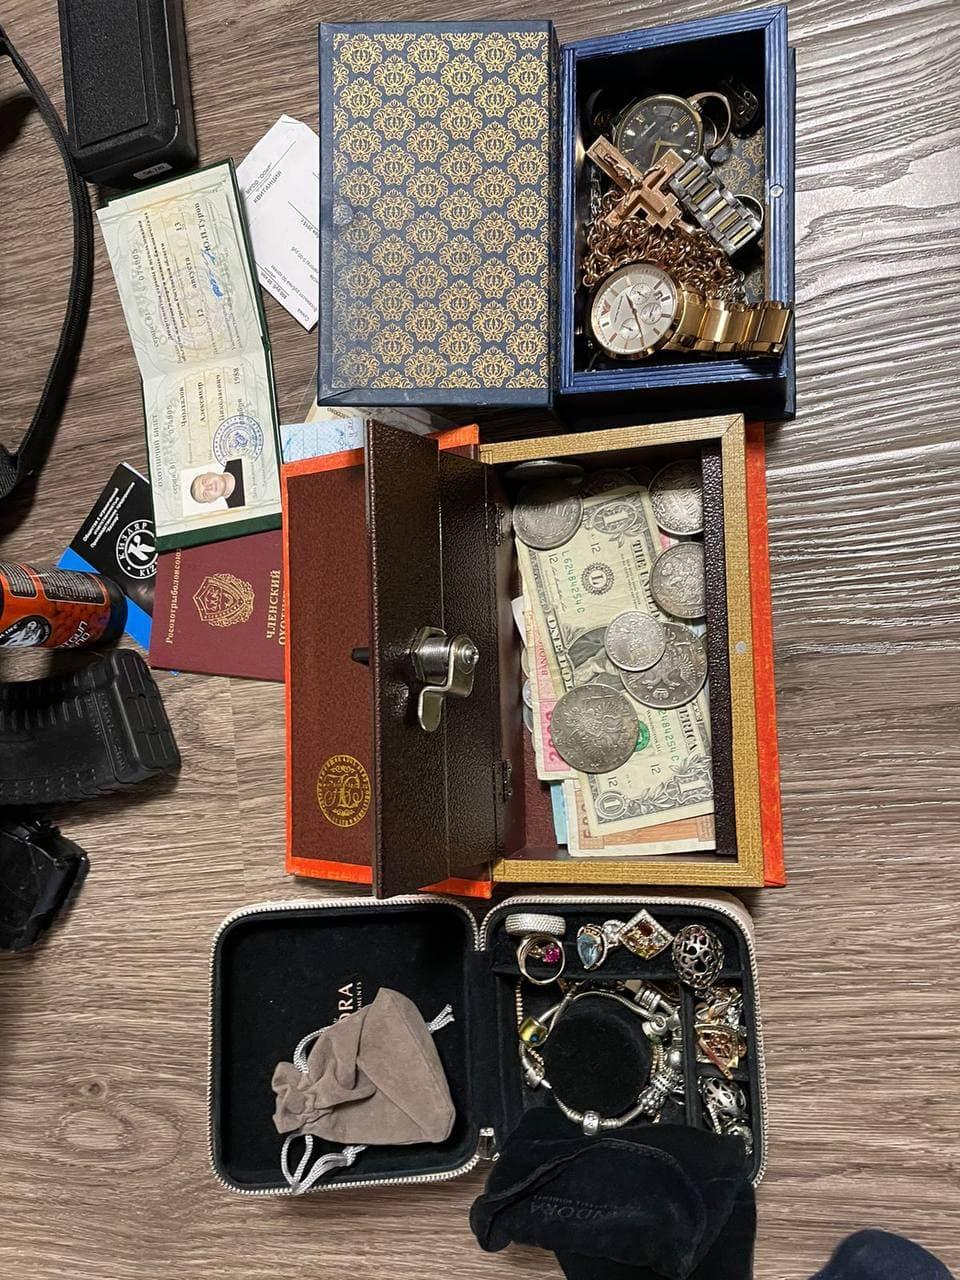 В шкатулках хранились часы, драгоценности и валюта.